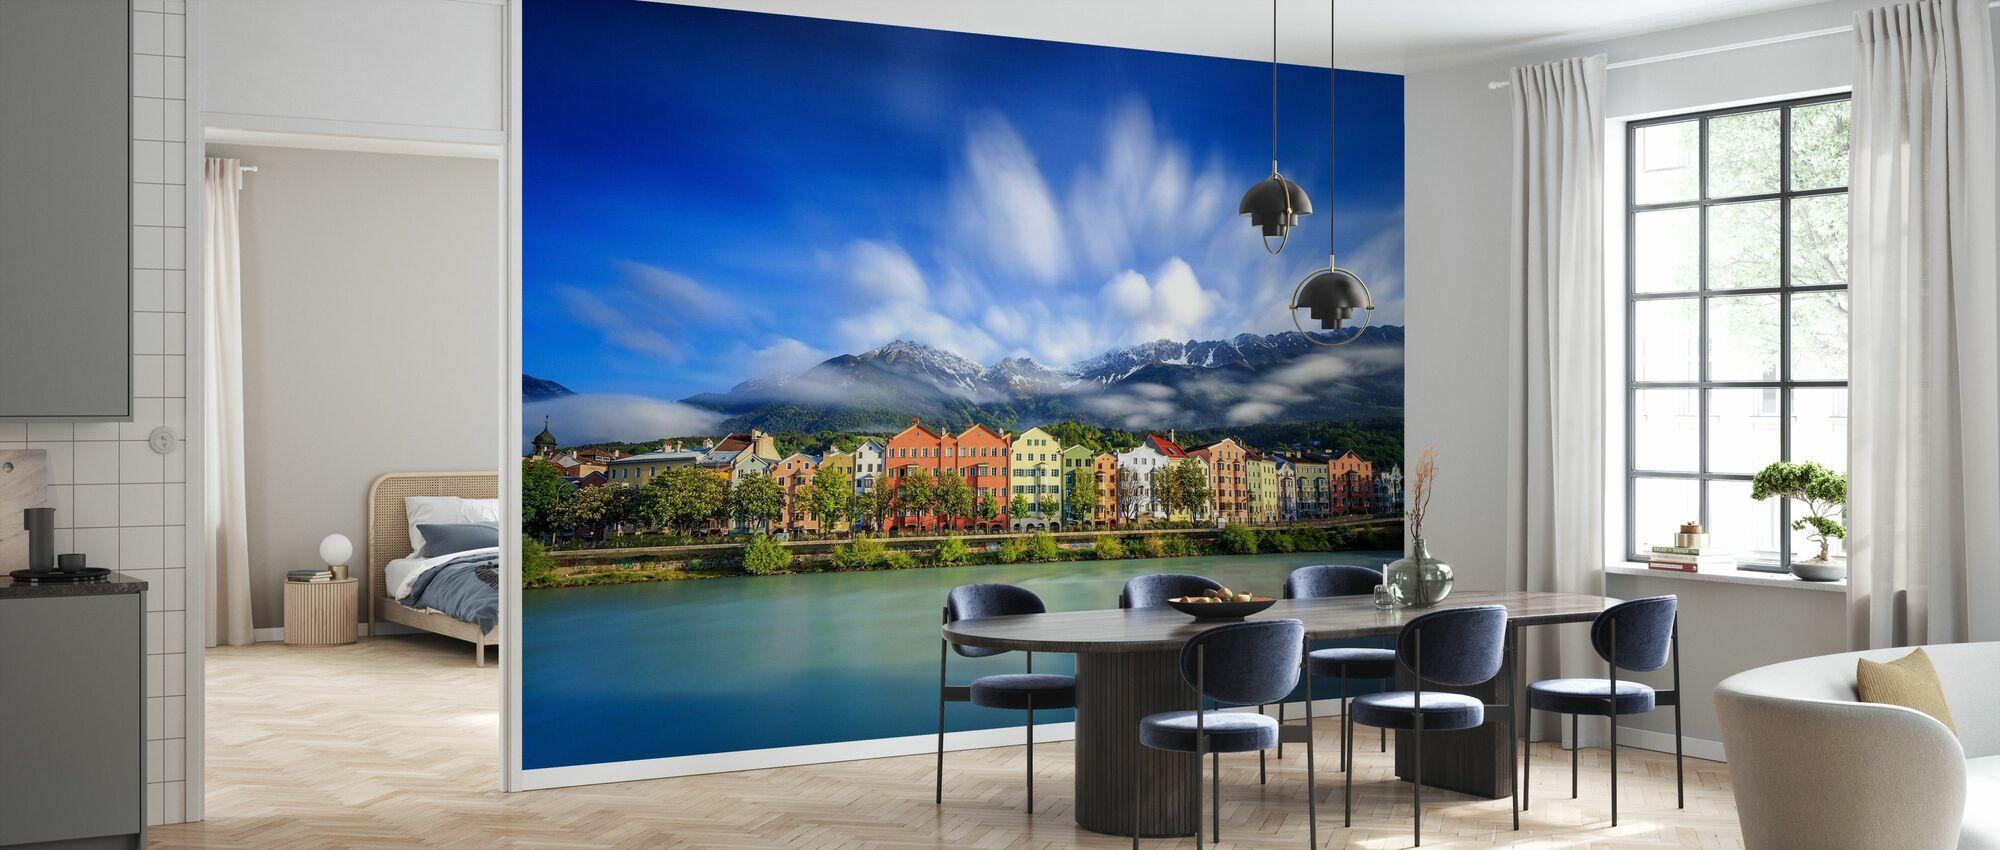 Clouds over Innsbruck - Wallpaper - Kitchen